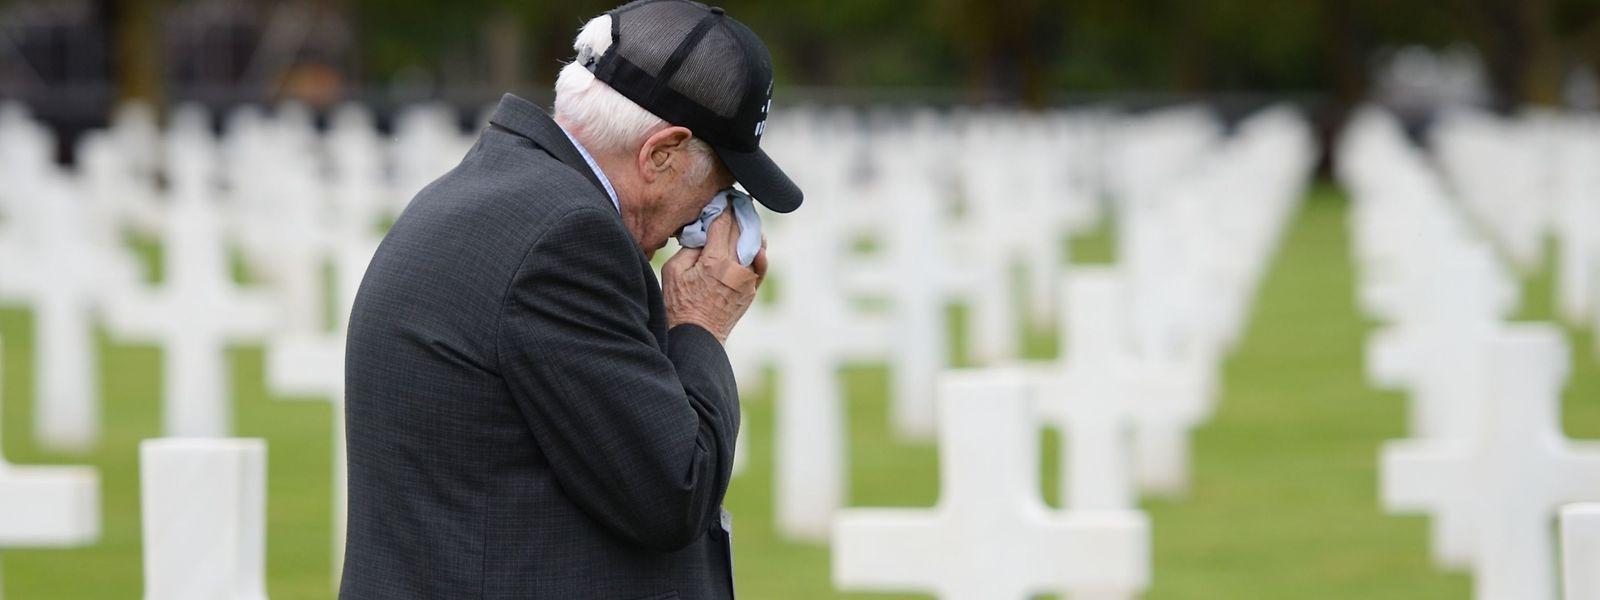 US-Veteran Jack Gutman war 18 Jahre alt, als er als Soldat am 6. Juni 1944 in der Normandie an Land ging. Am Mittwoch besuchte er seine verstorbenen Kameraden am US-Soldatenfriedhof in Colleville-sur-Mer.